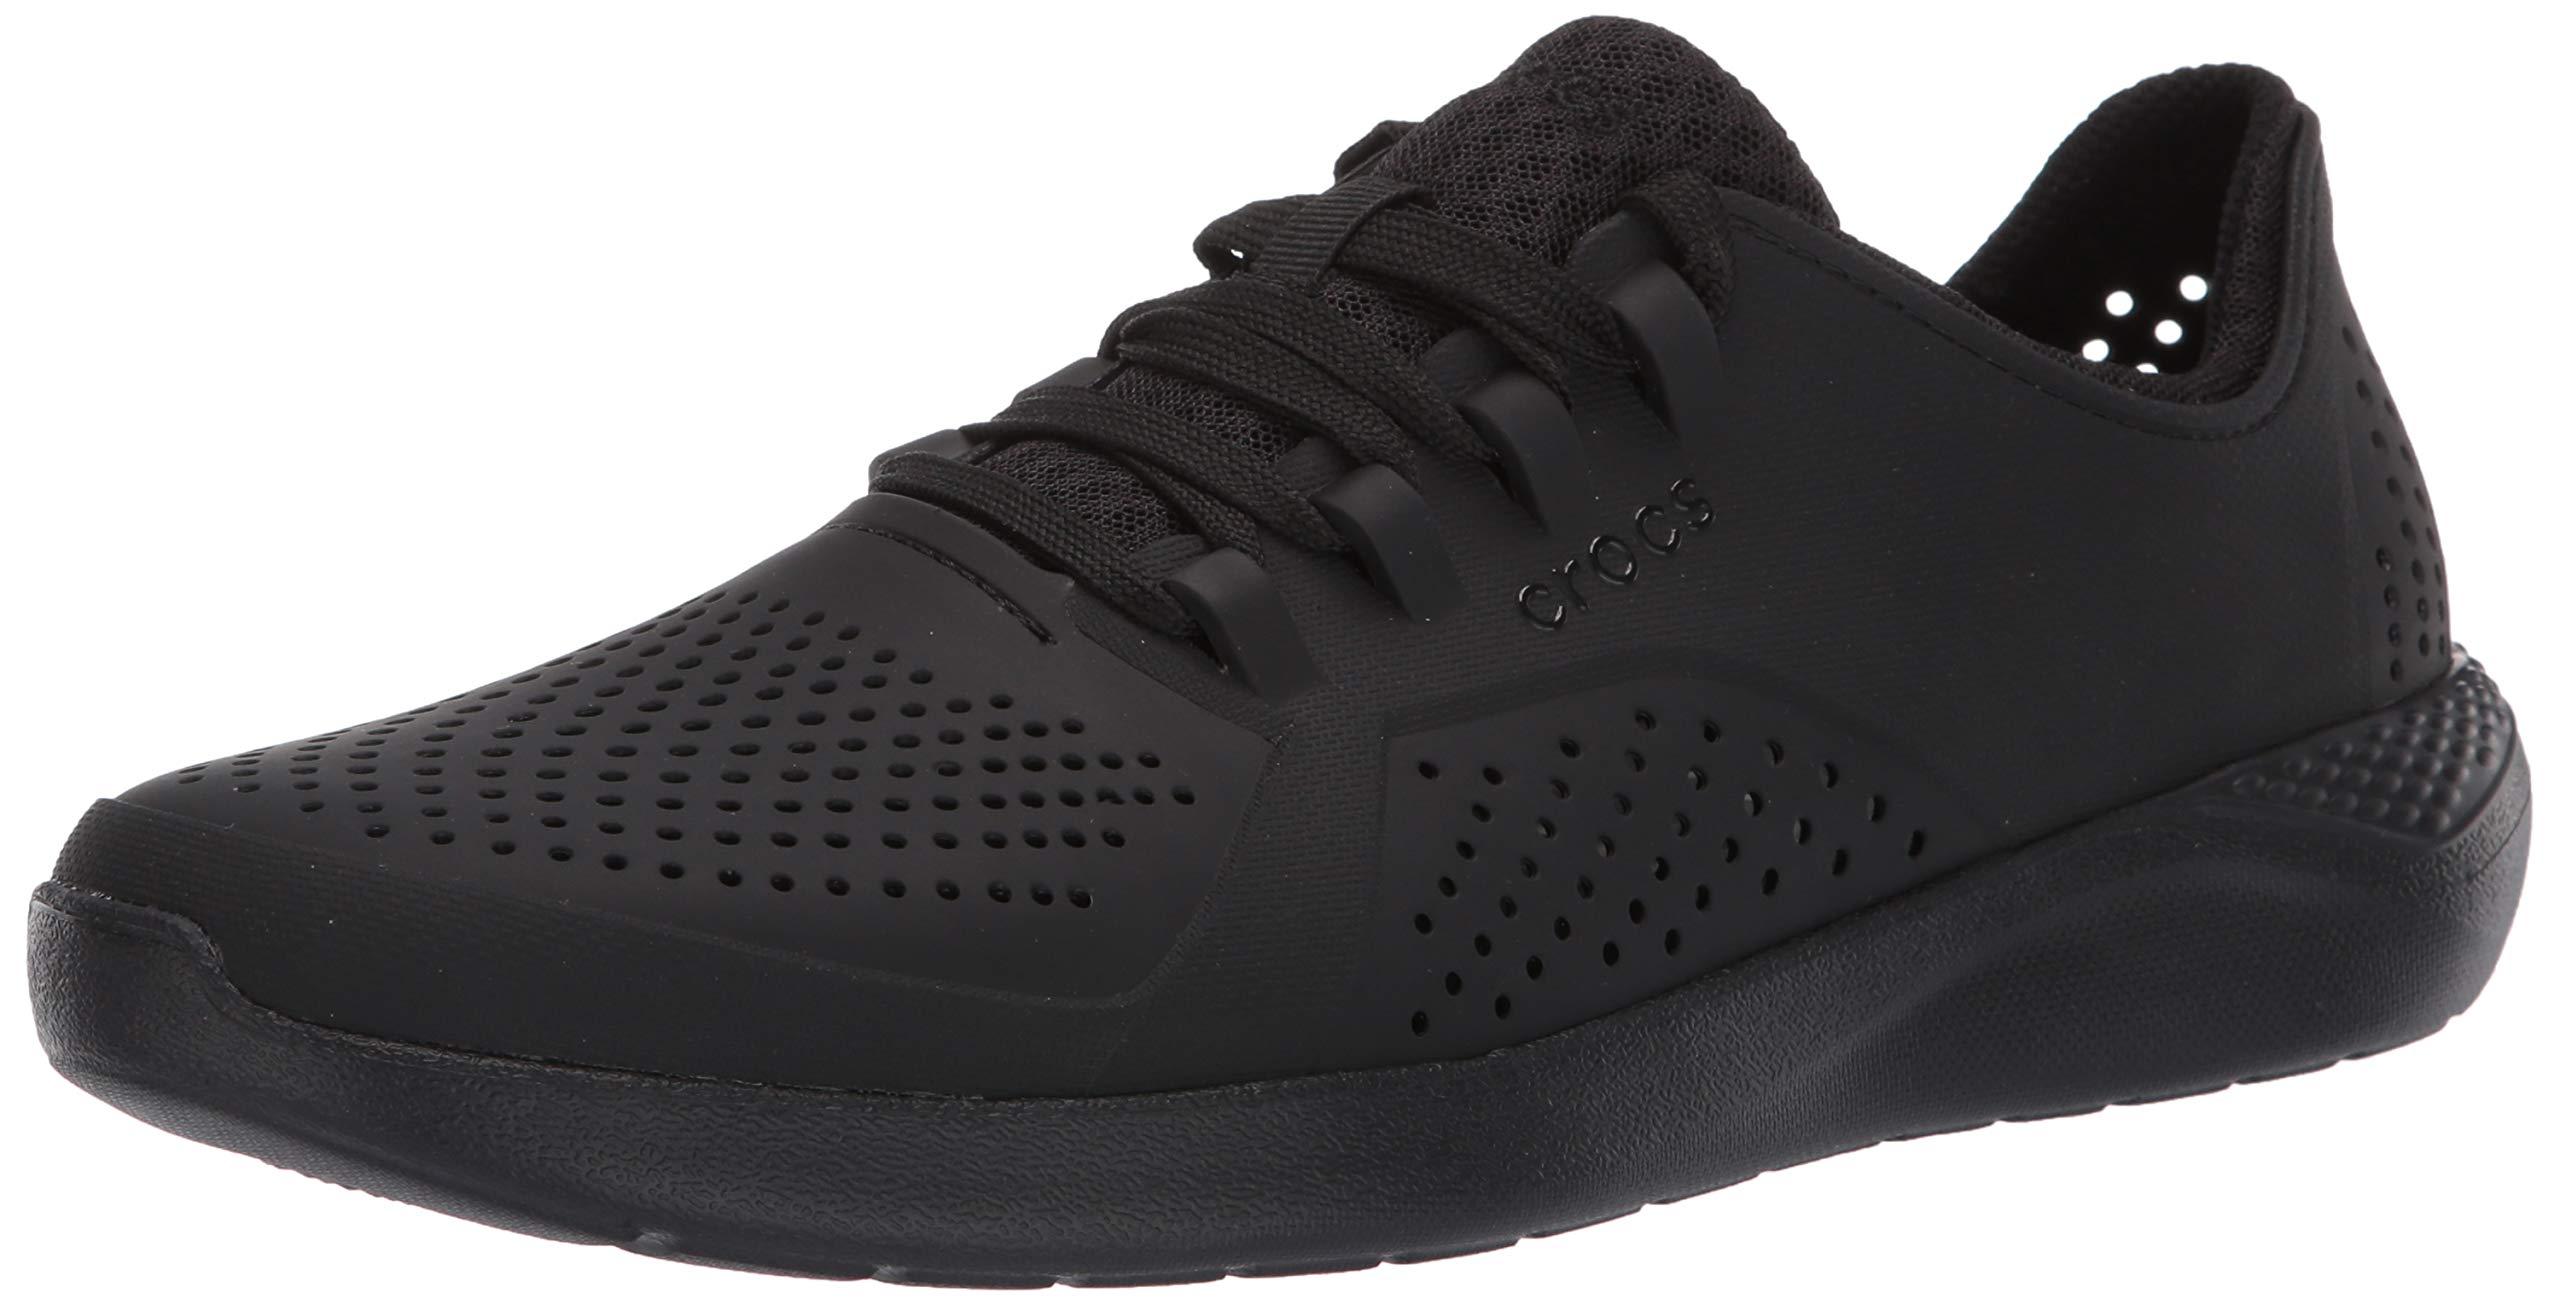 Crocs Men's LiteRide Pacer Sneaker, Black, 10 M US by Crocs